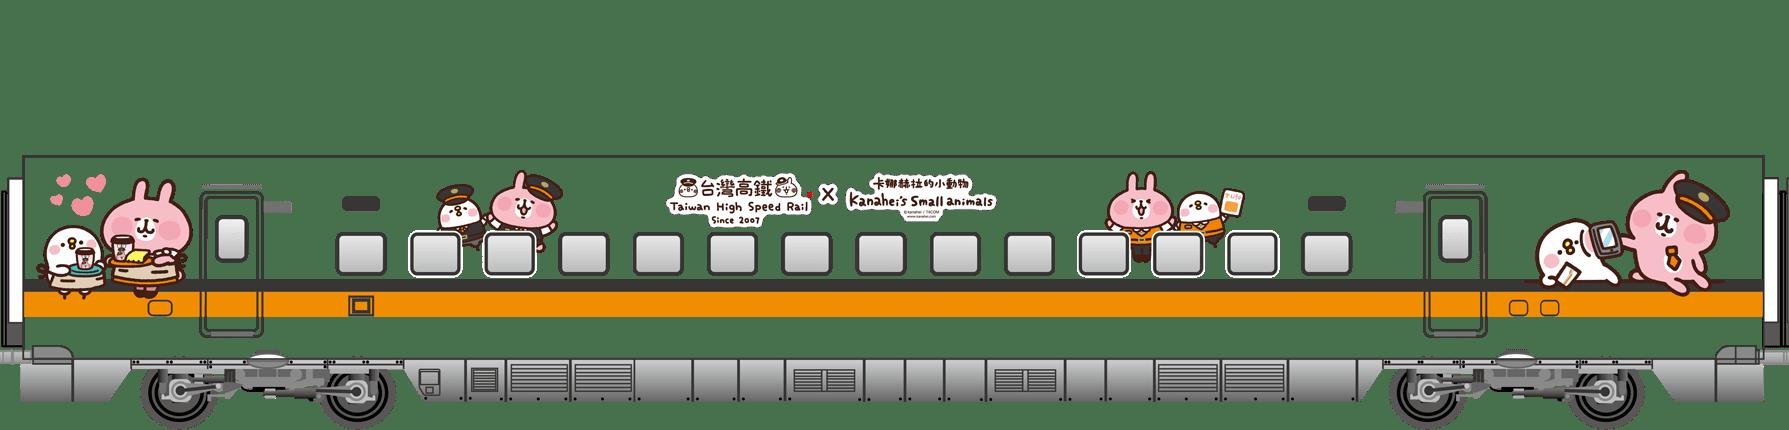 第 7 節車廂